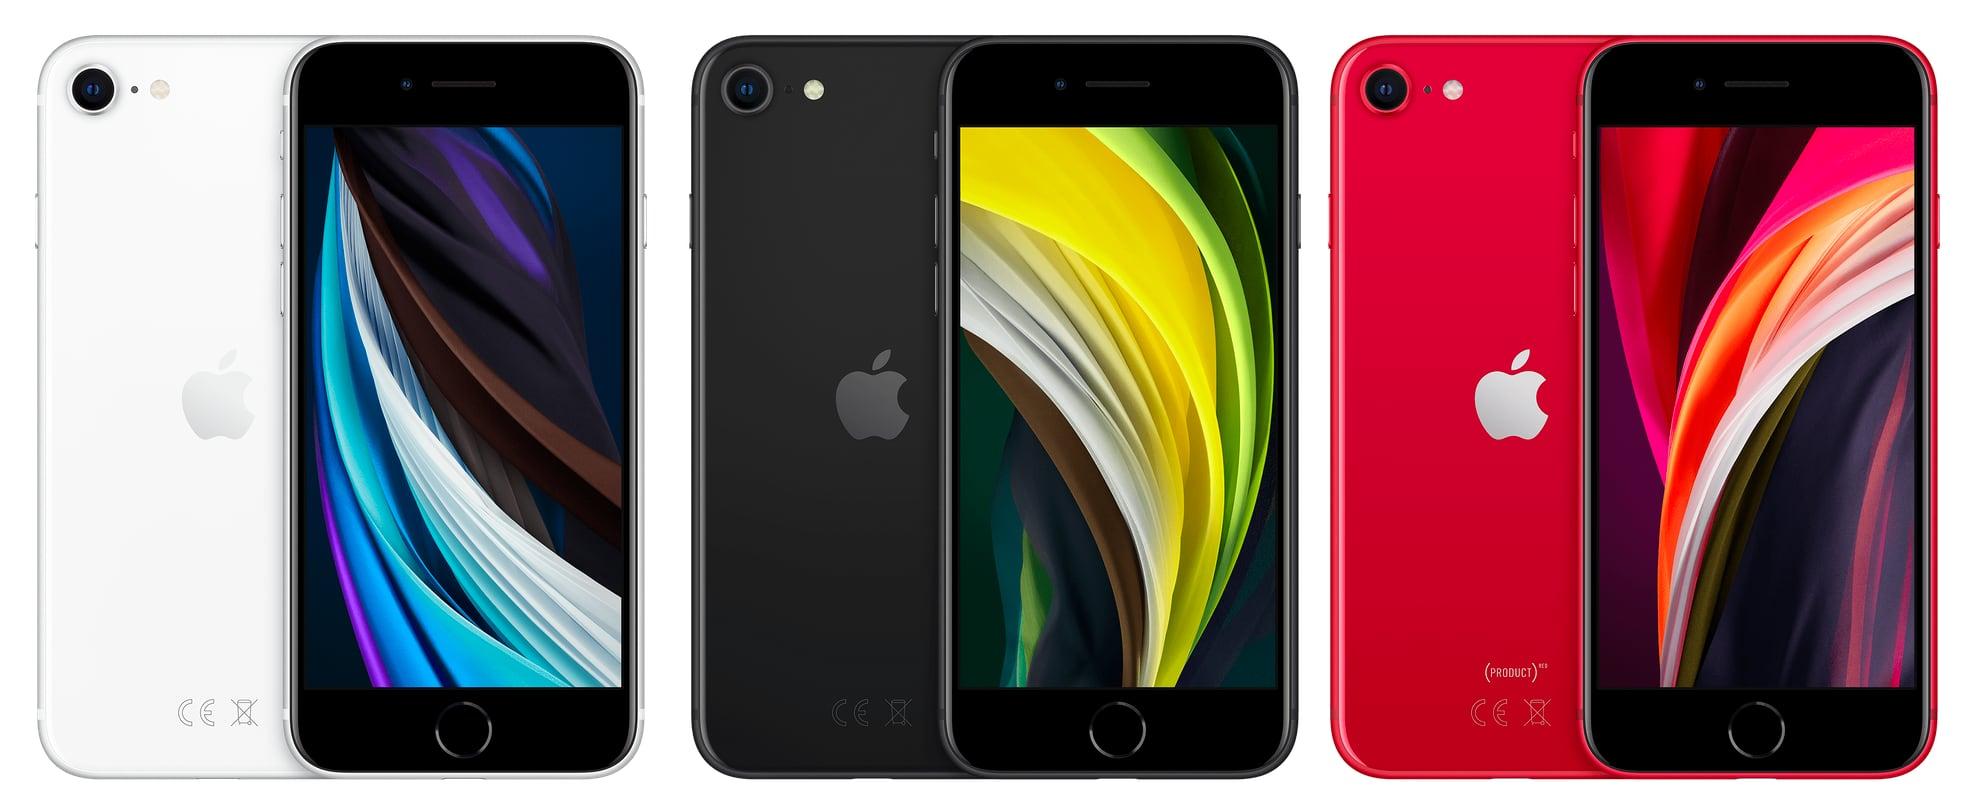 obzor novogo iphone se 2 pokoleniya